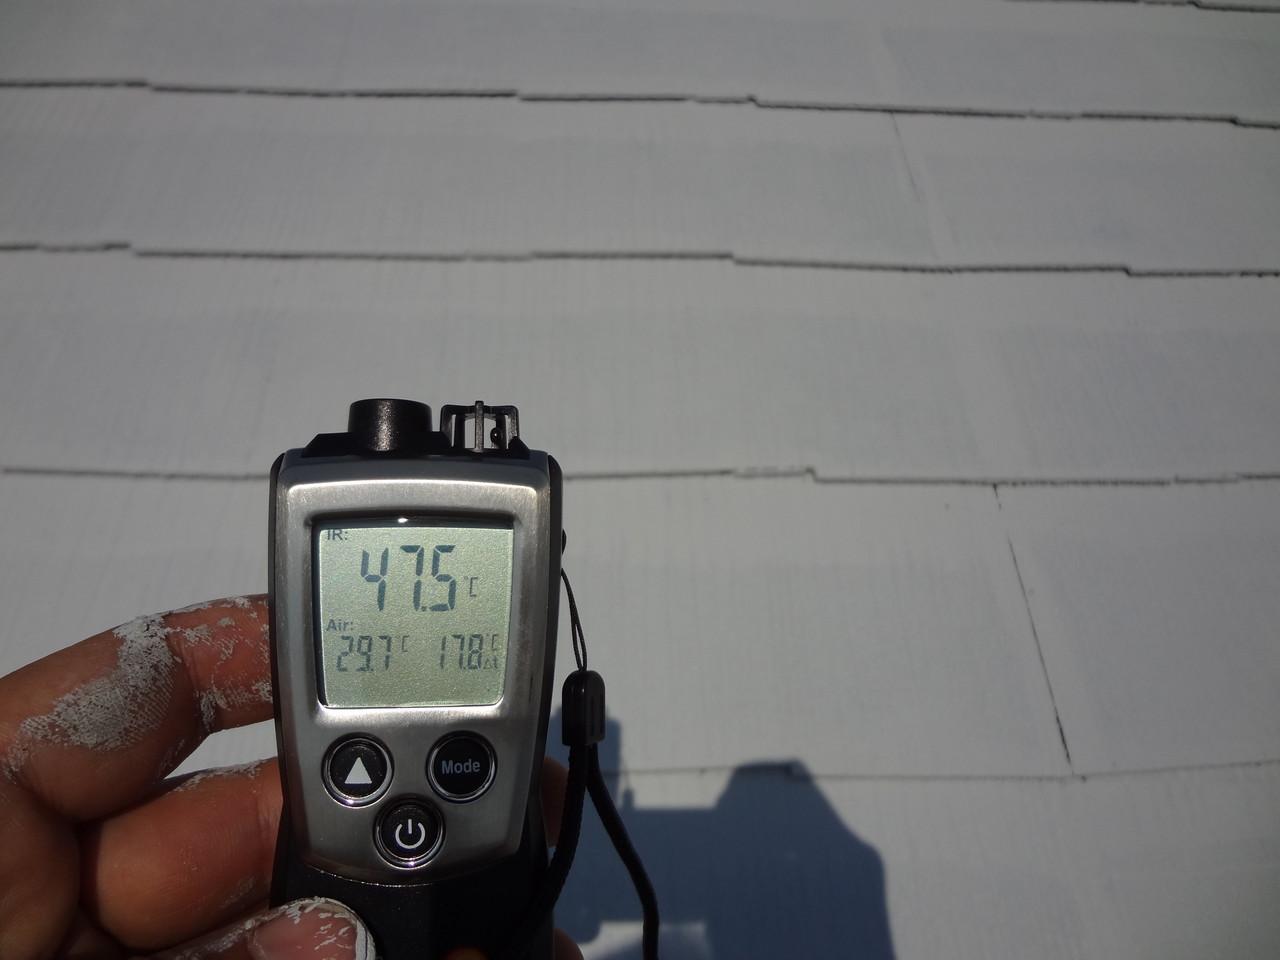 キルコート一層目塗布後表面温度47.5℃